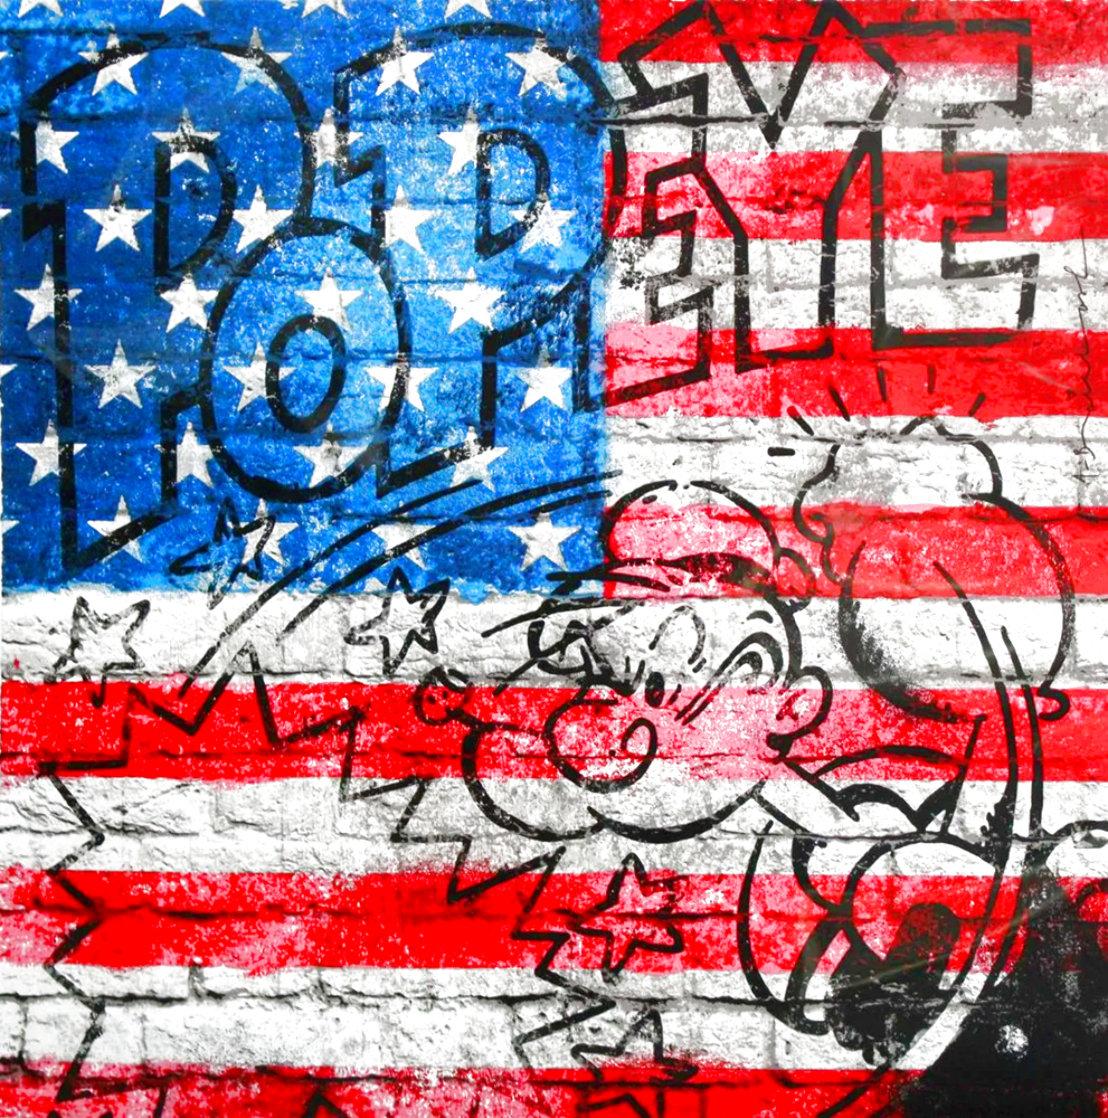 Popeye AP 2019 Limited Edition Print by Mr. Brainwash